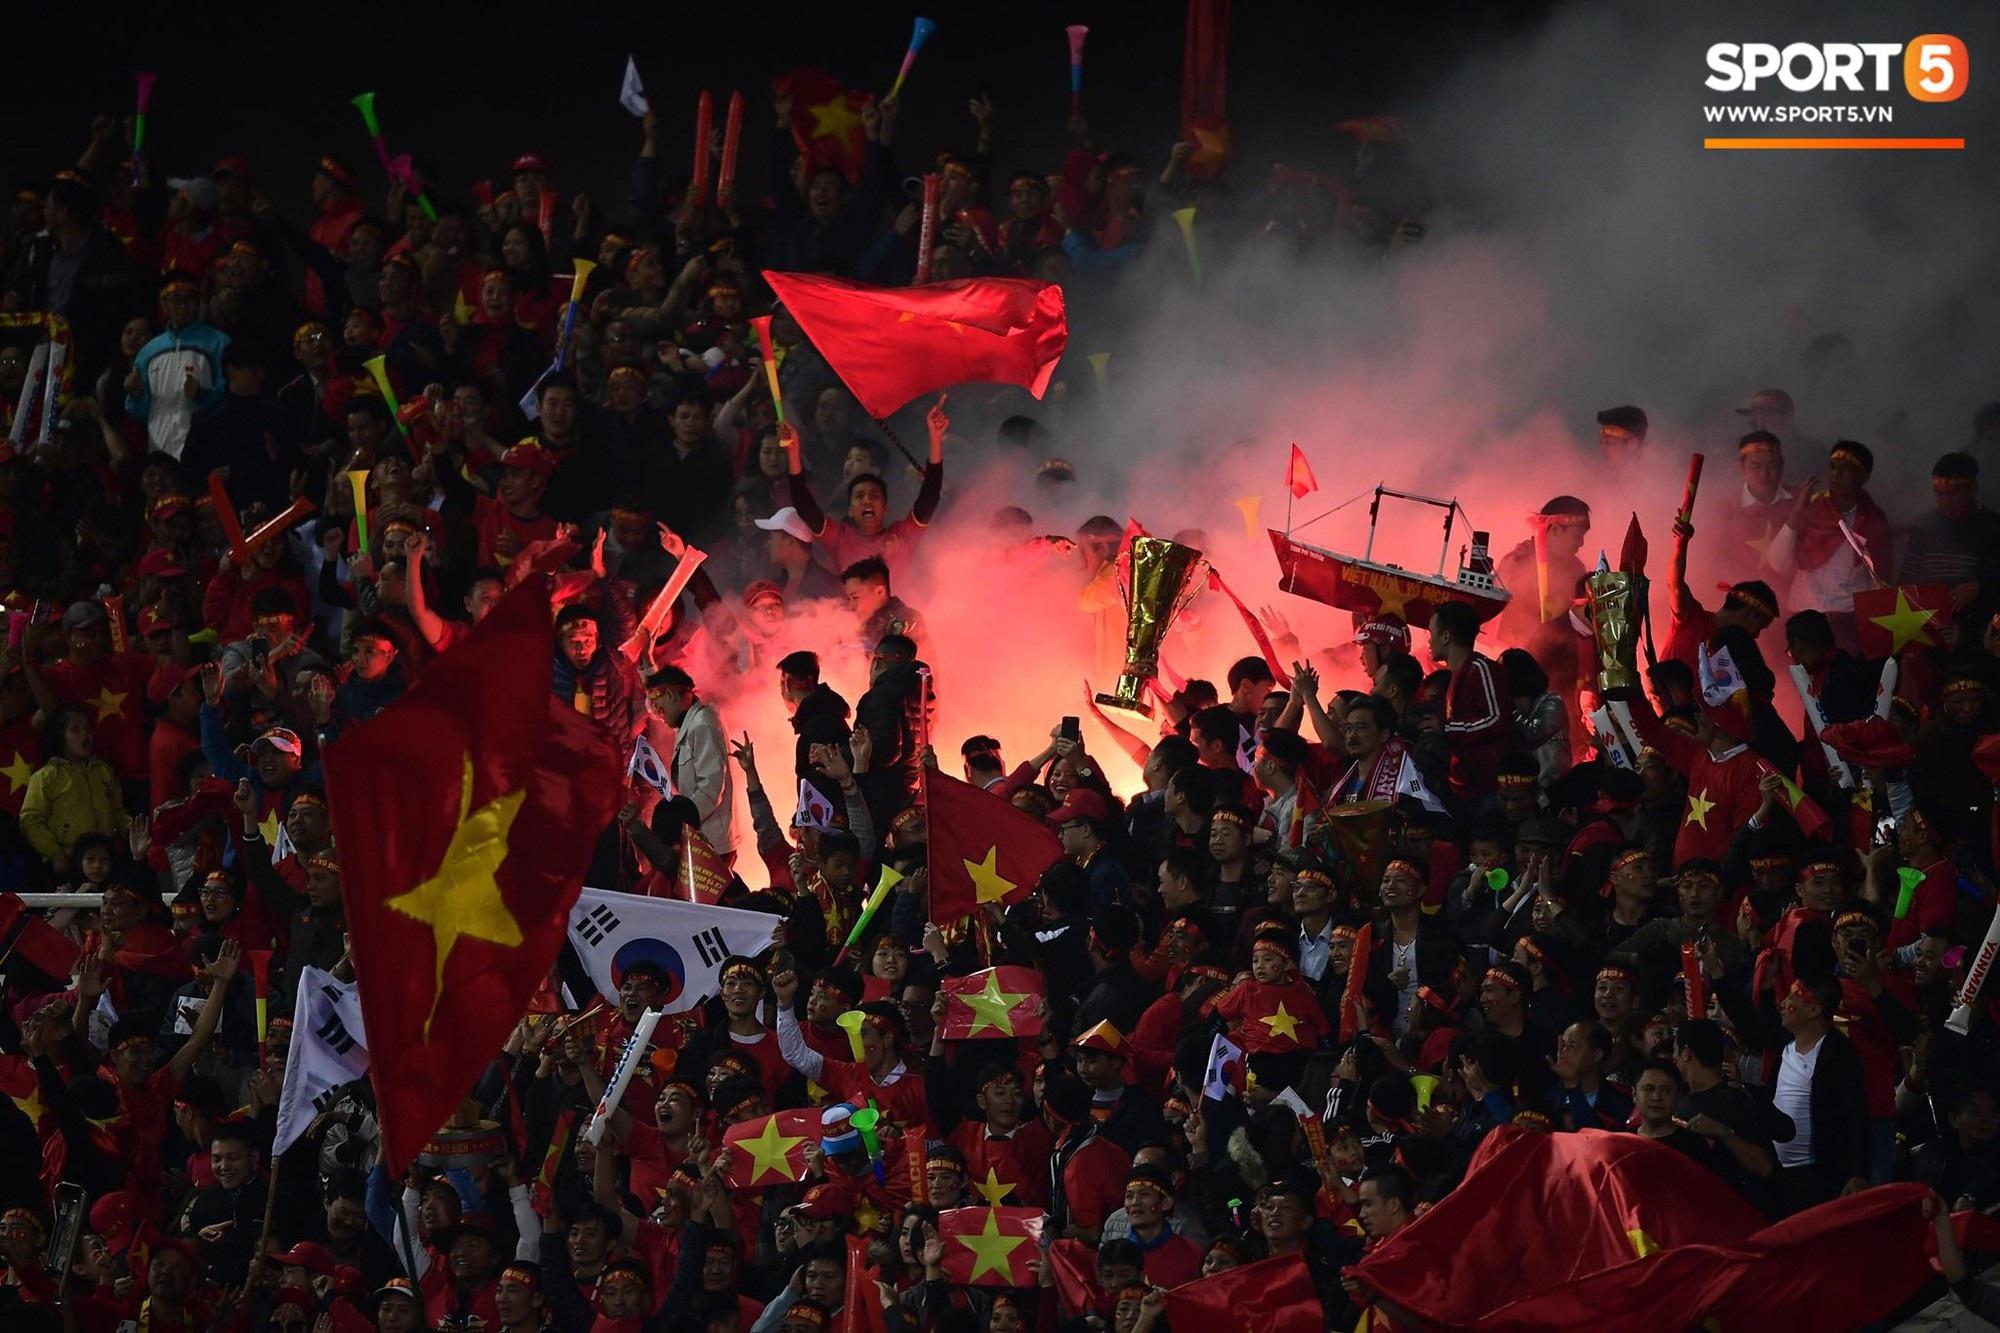 Pháo sáng lại cháy trên khán đài Mỹ Đình, LĐBĐ Việt Nam đối diện nguy cơ bị phạt - Ảnh 5